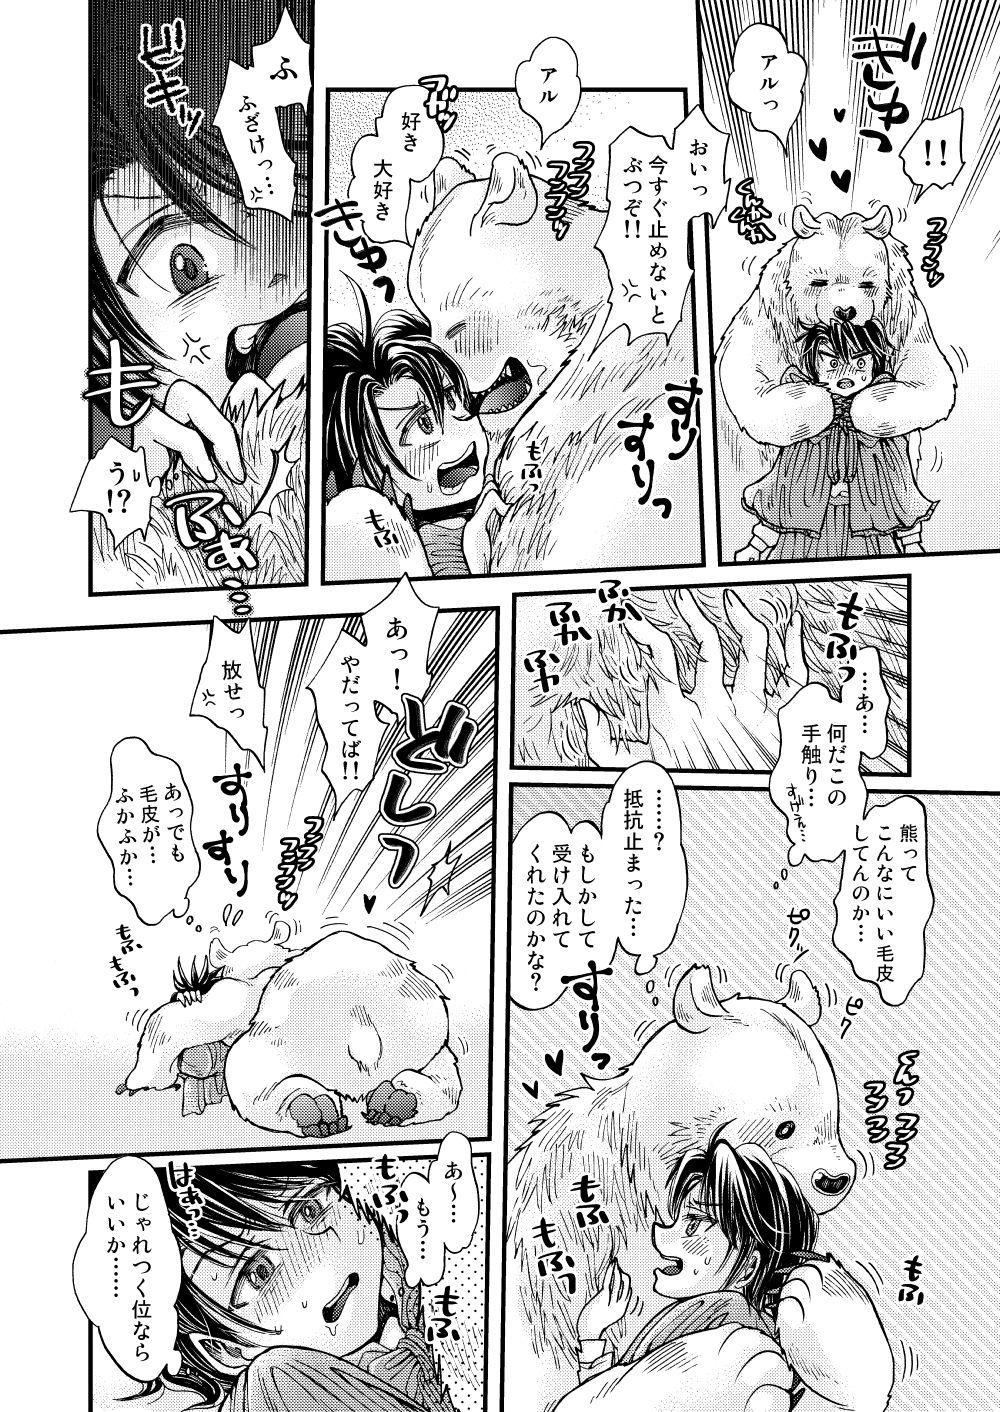 Mori no Kuma-san ni Aisare Sugite Mofu Mofu 23